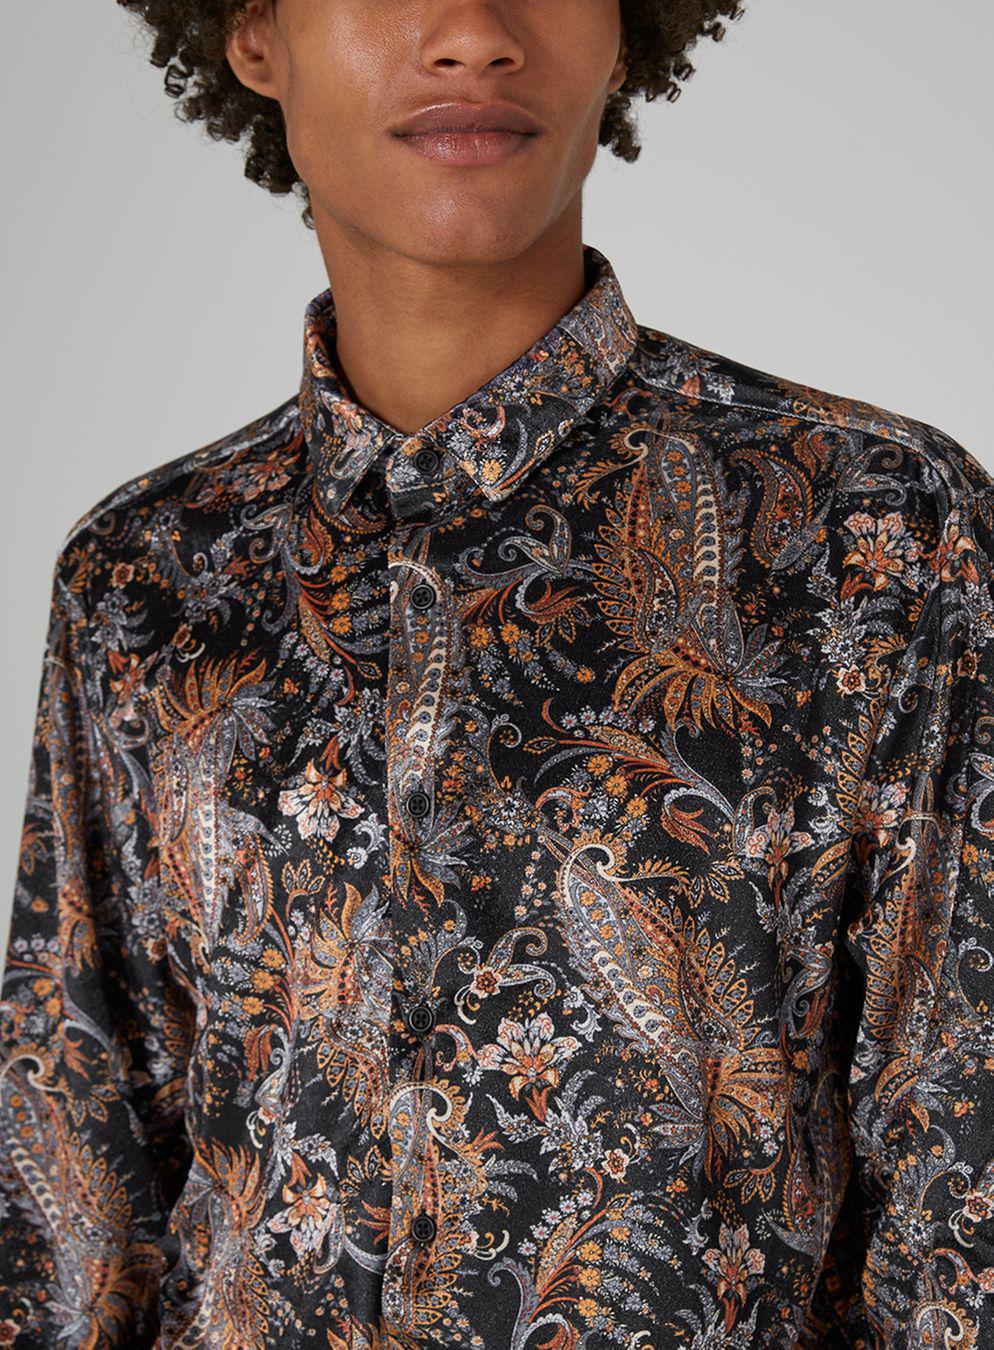 d4185ab8ba0 Lyst - TOPMAN Black Velvet Paisley Shirt in Black for Men